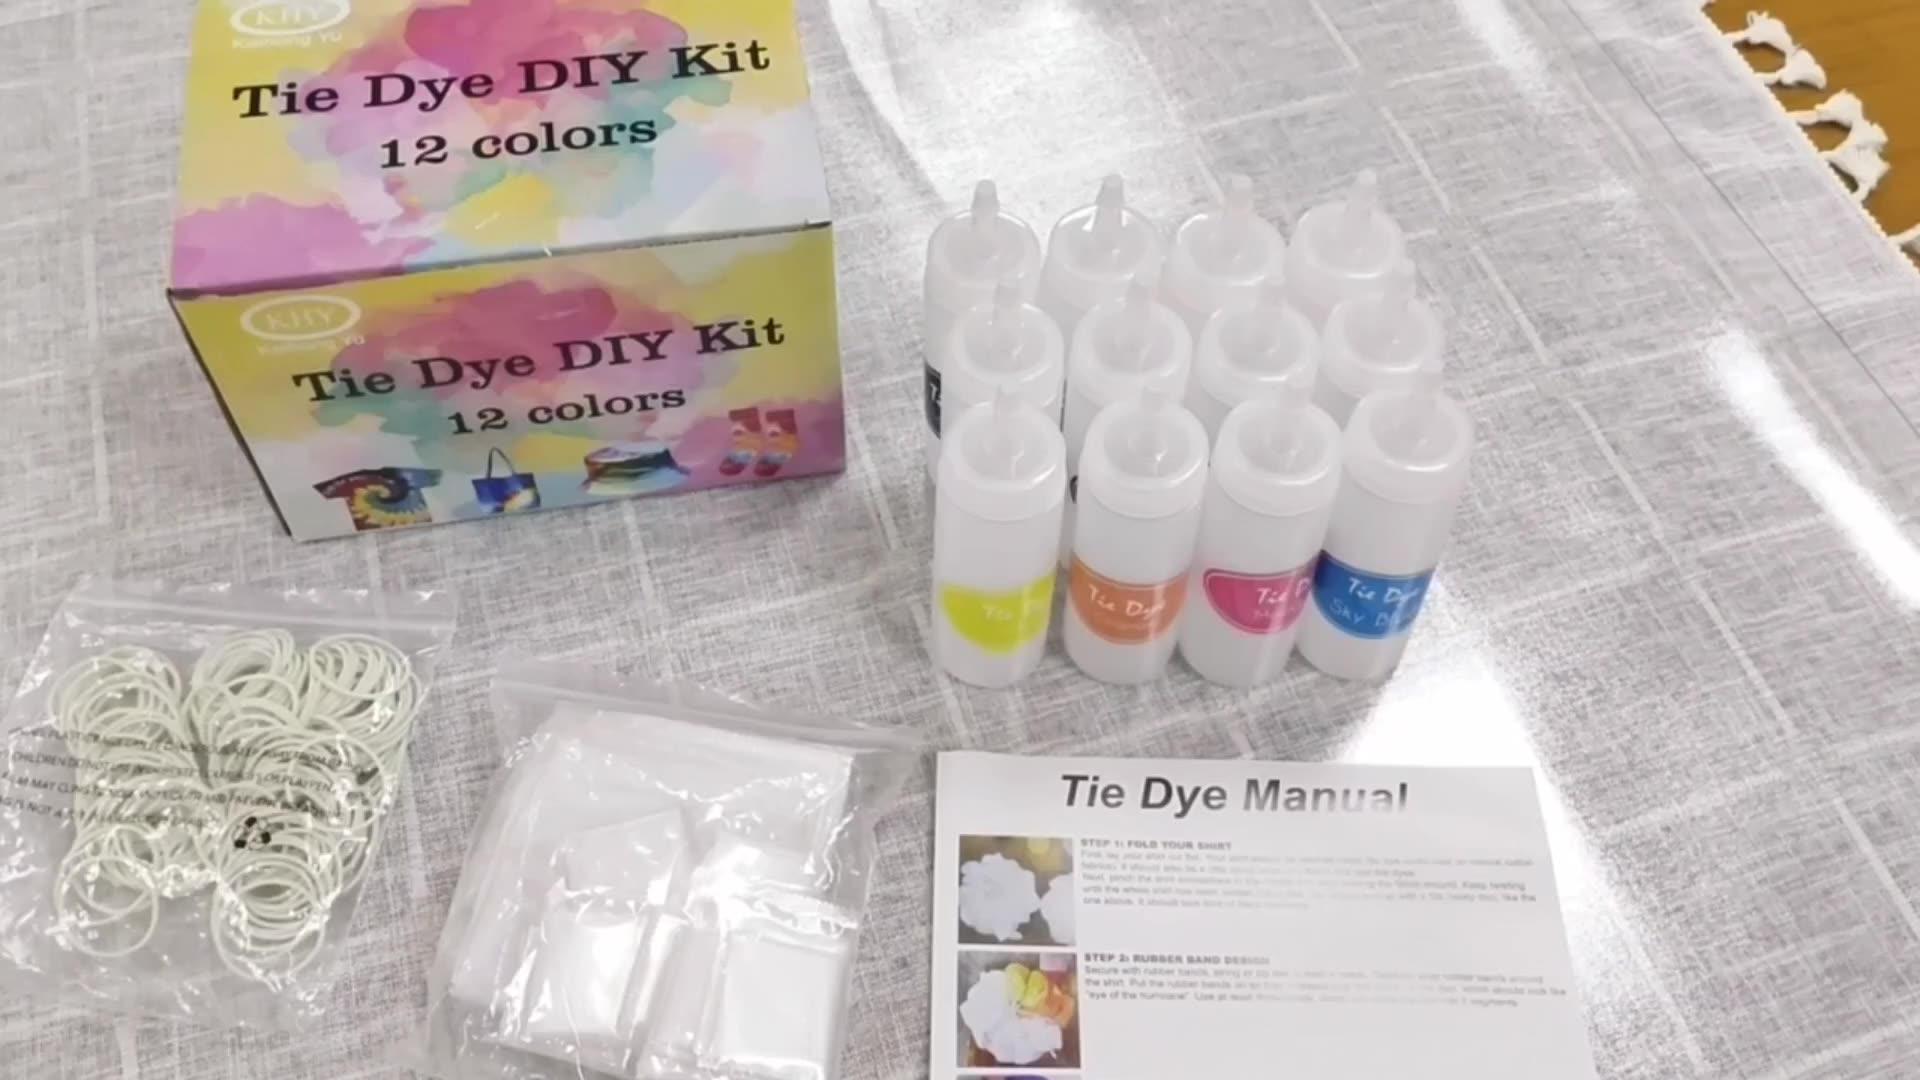 Tie Dye Kit Đối Với Trẻ Em Và Người Lớn-Dễ Dàng DIY Tie Dye Đảng Kit Với 18 Màu Sắc, Vải Nhuộm Nạp, Ban Nhạc Cao Su